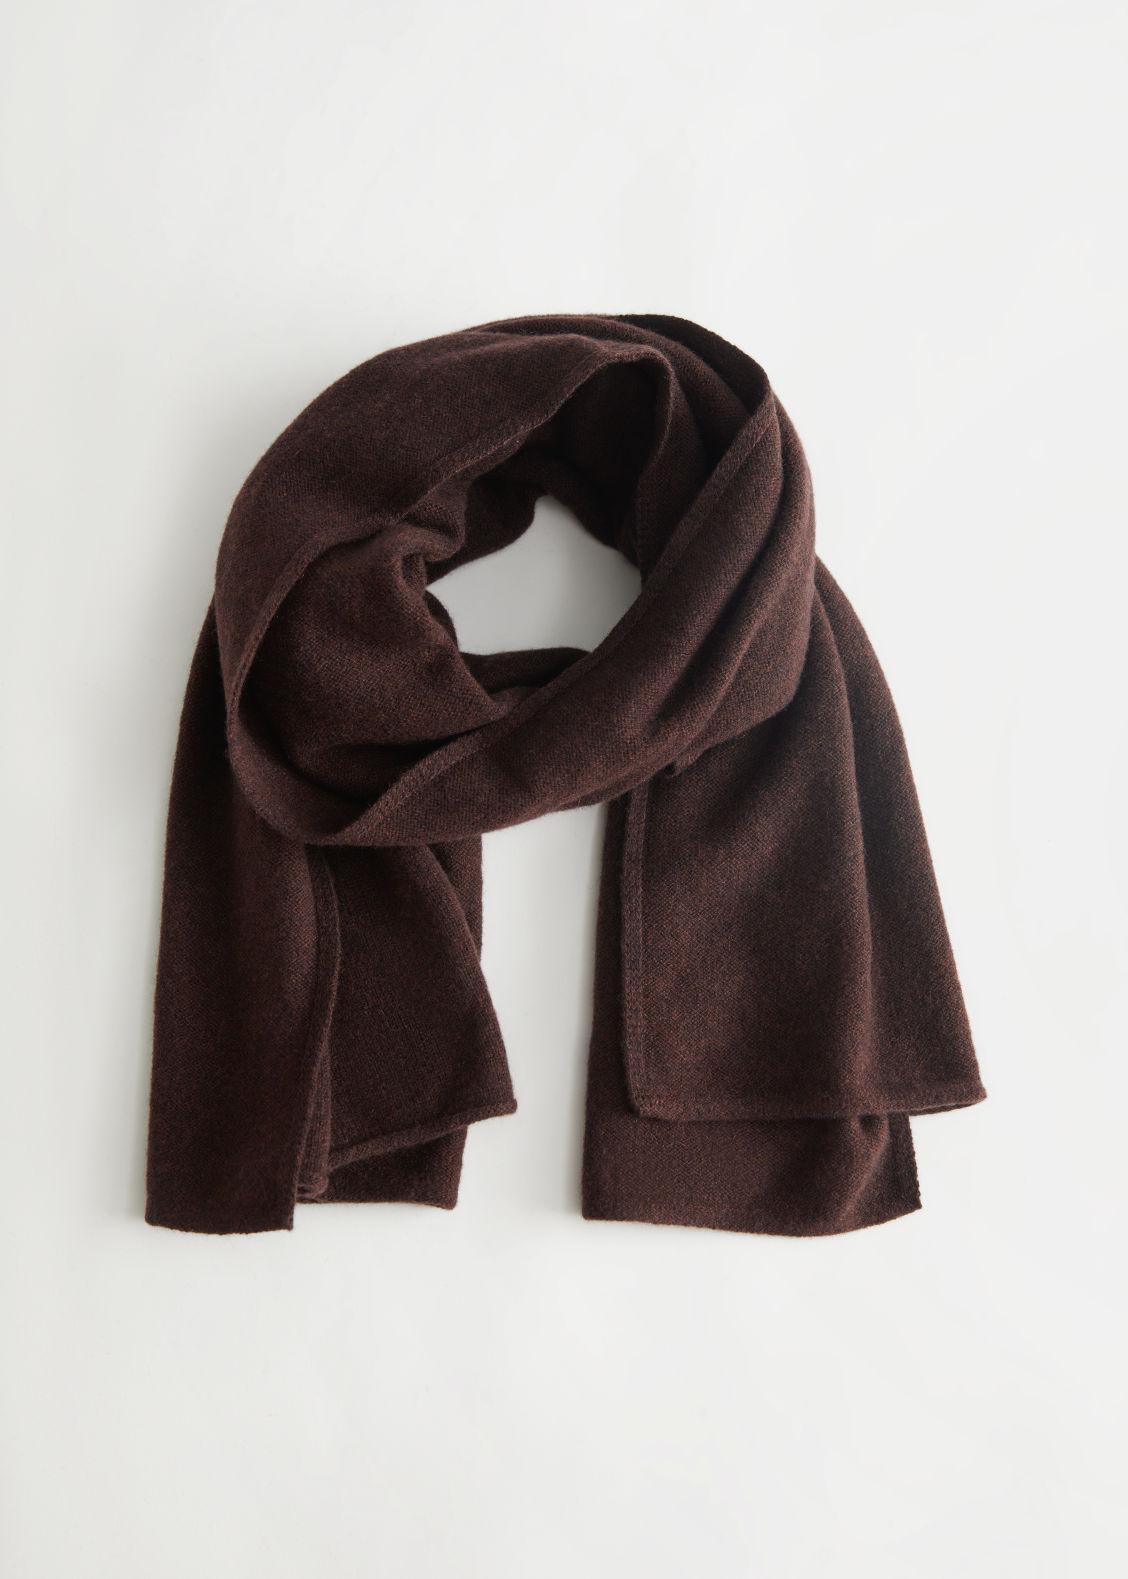 앤 아더 스토리즈 머플러 & OTHER STORIES Cashmere Blanket Scarf,Dark Brown